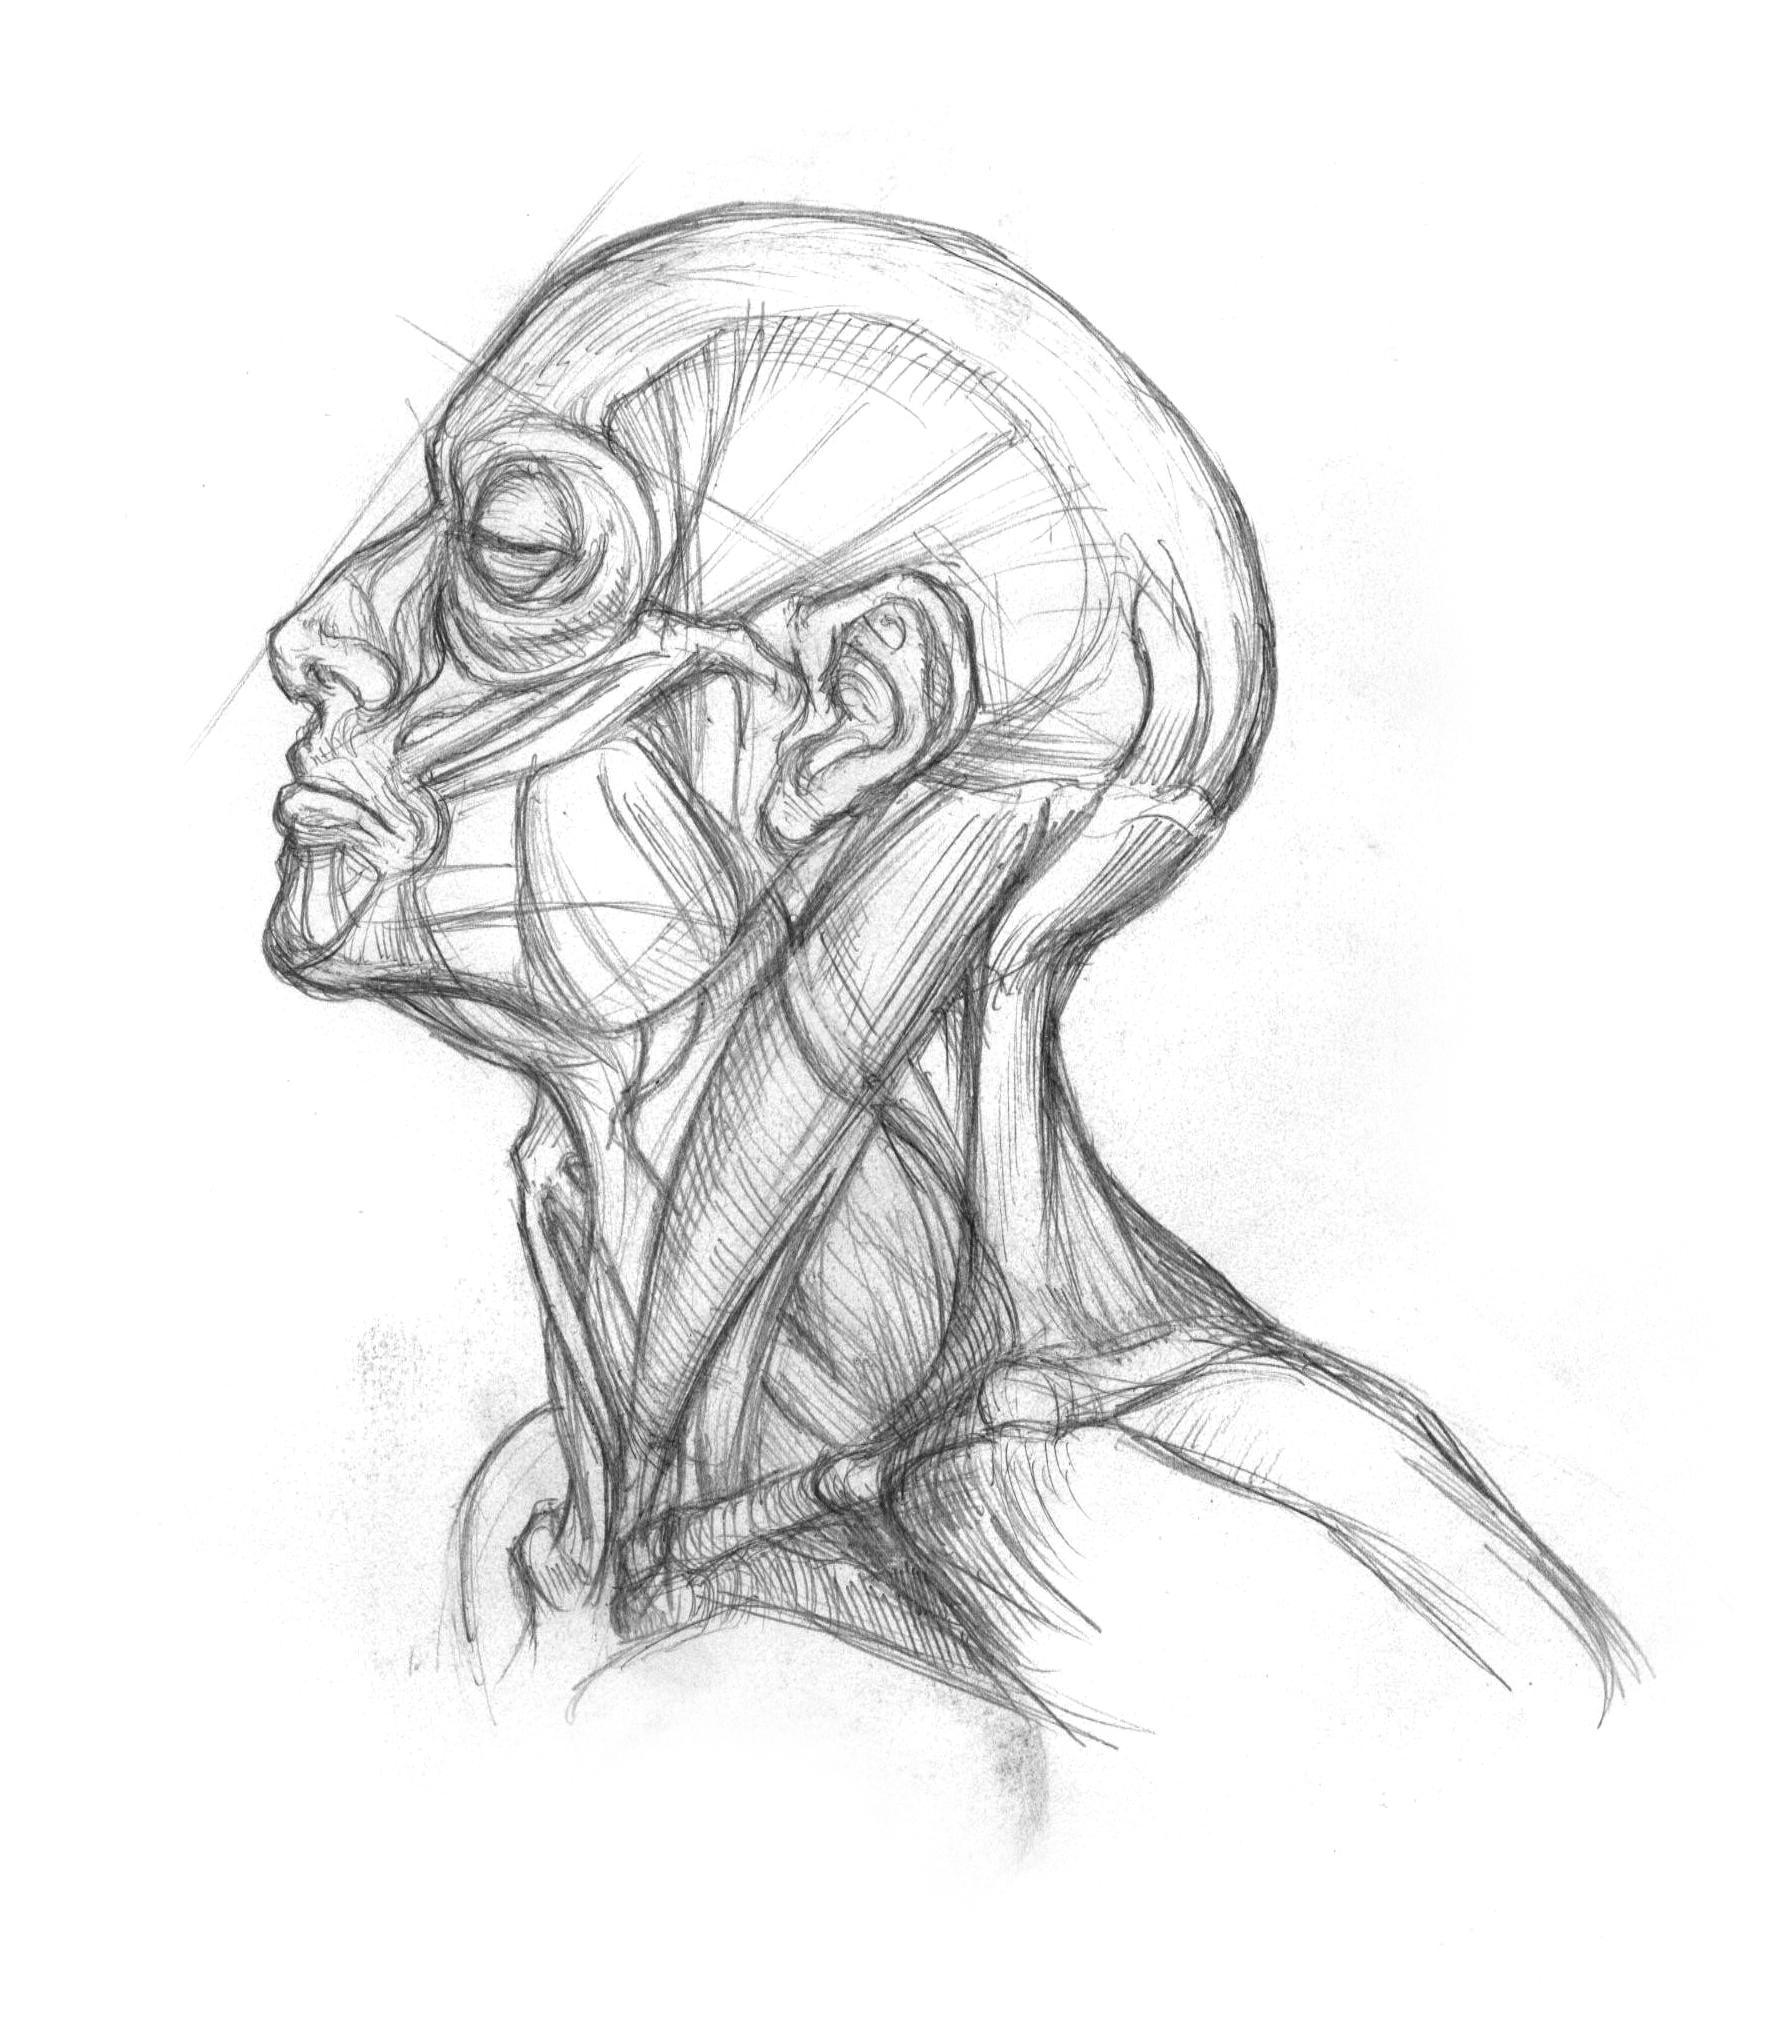 anatomy-studies-010.jpg